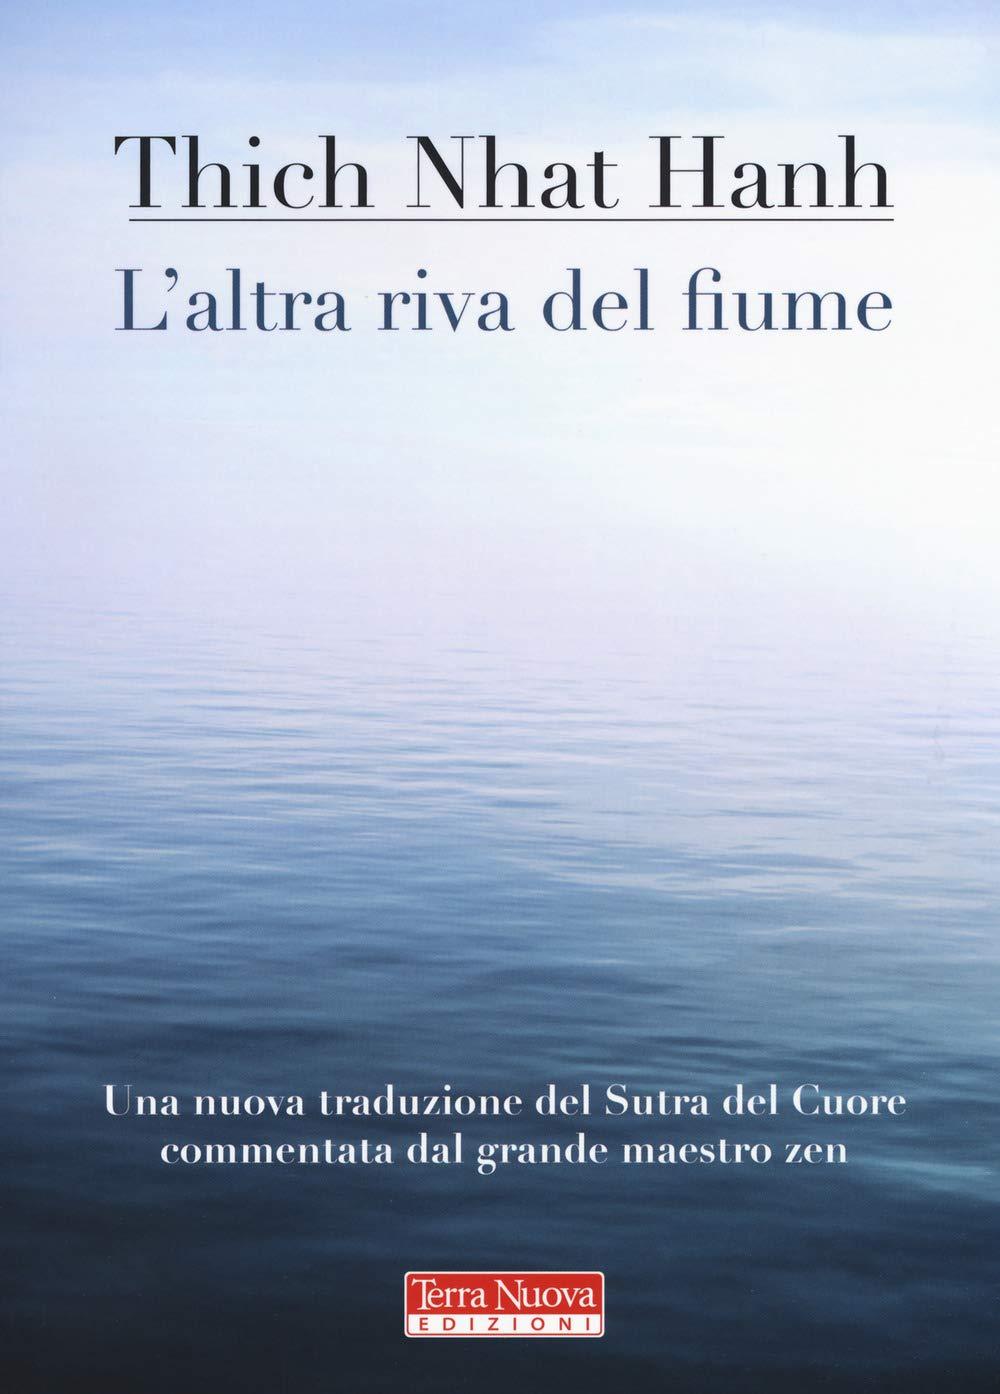 L'altra riva del fiume Copertina flessibile – 31 ott 2018 Thich Nhat Hanh L' altra riva del fiume Terra Nuova Edizioni 8866814091